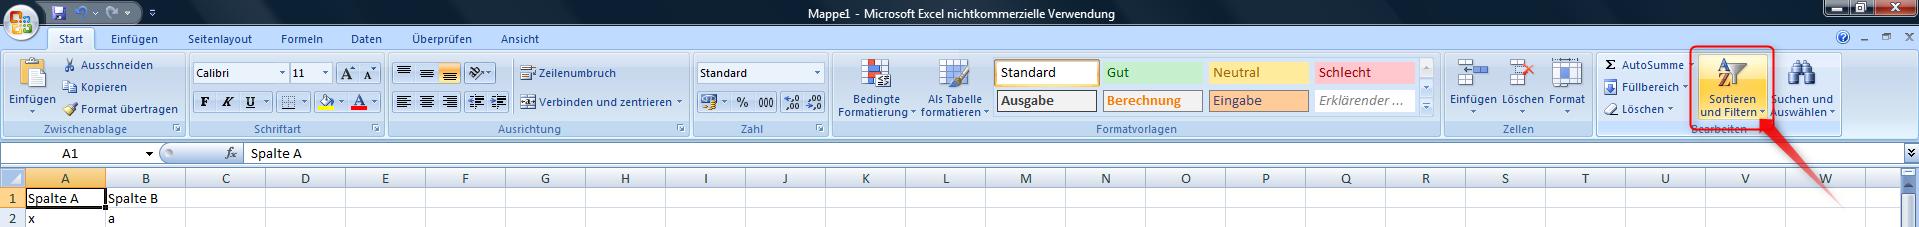 02-excel-formeln-eintraege-in-gefilterter-liste-ohne-duplikate-anzeigen-sortieren-und-filtern-470.png?nocache=1308915849694